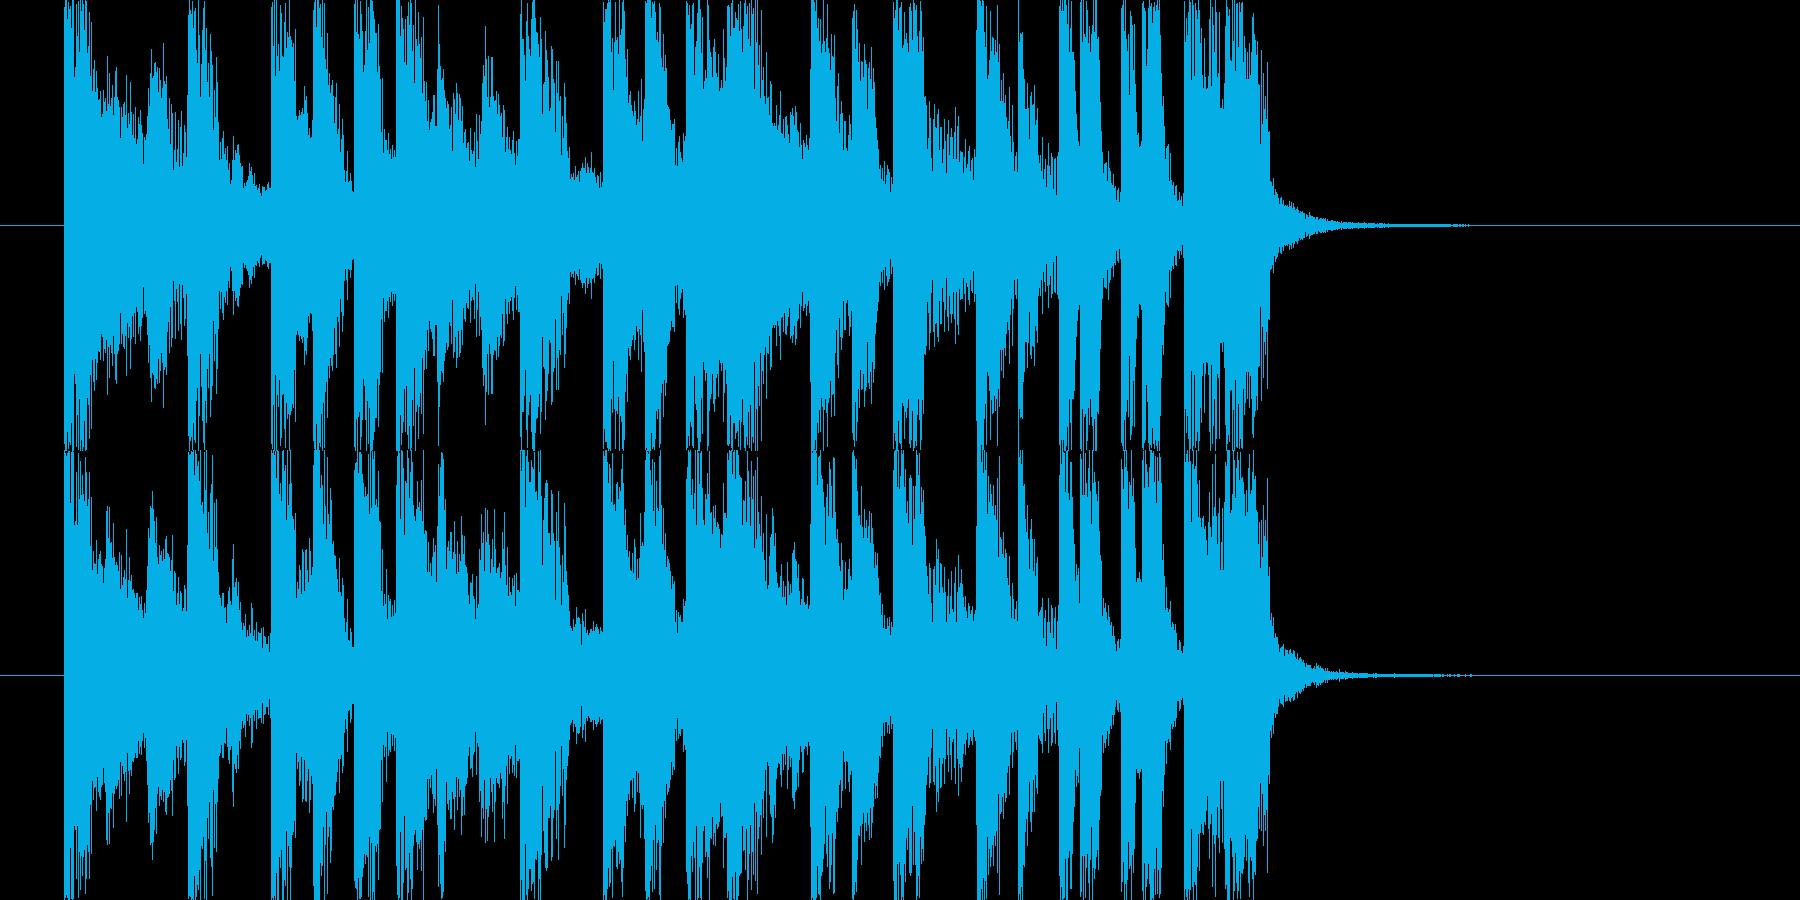 キラキラでかわいいジングル J4の再生済みの波形